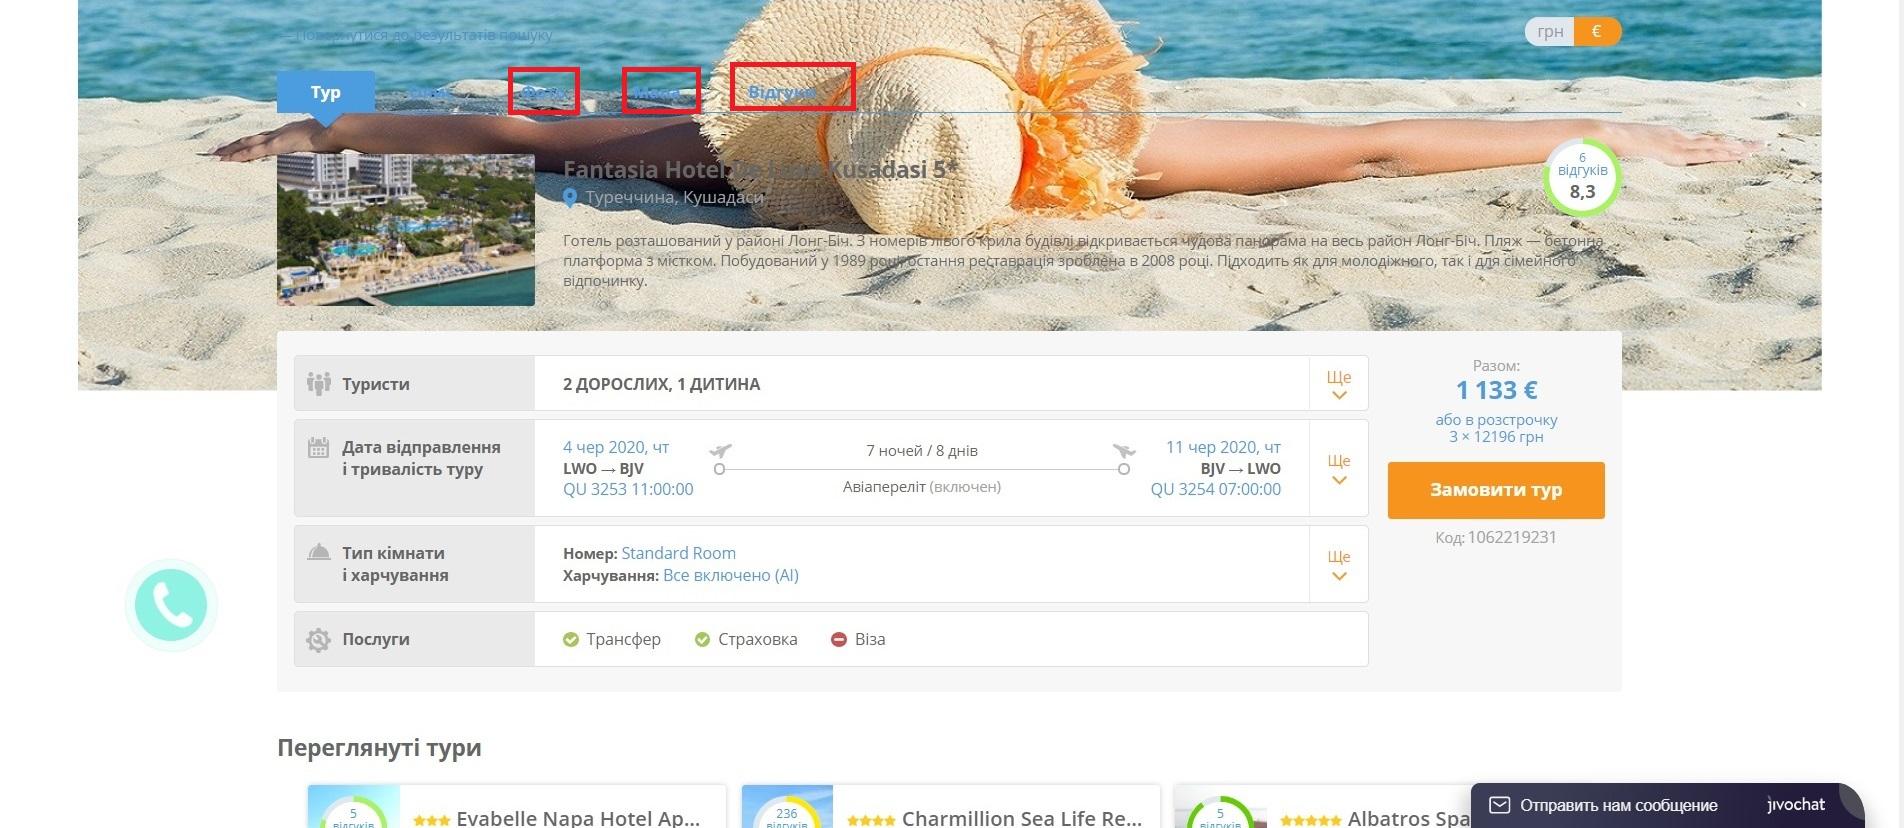 Sokol Resort 4 - Як вигідно купити тур